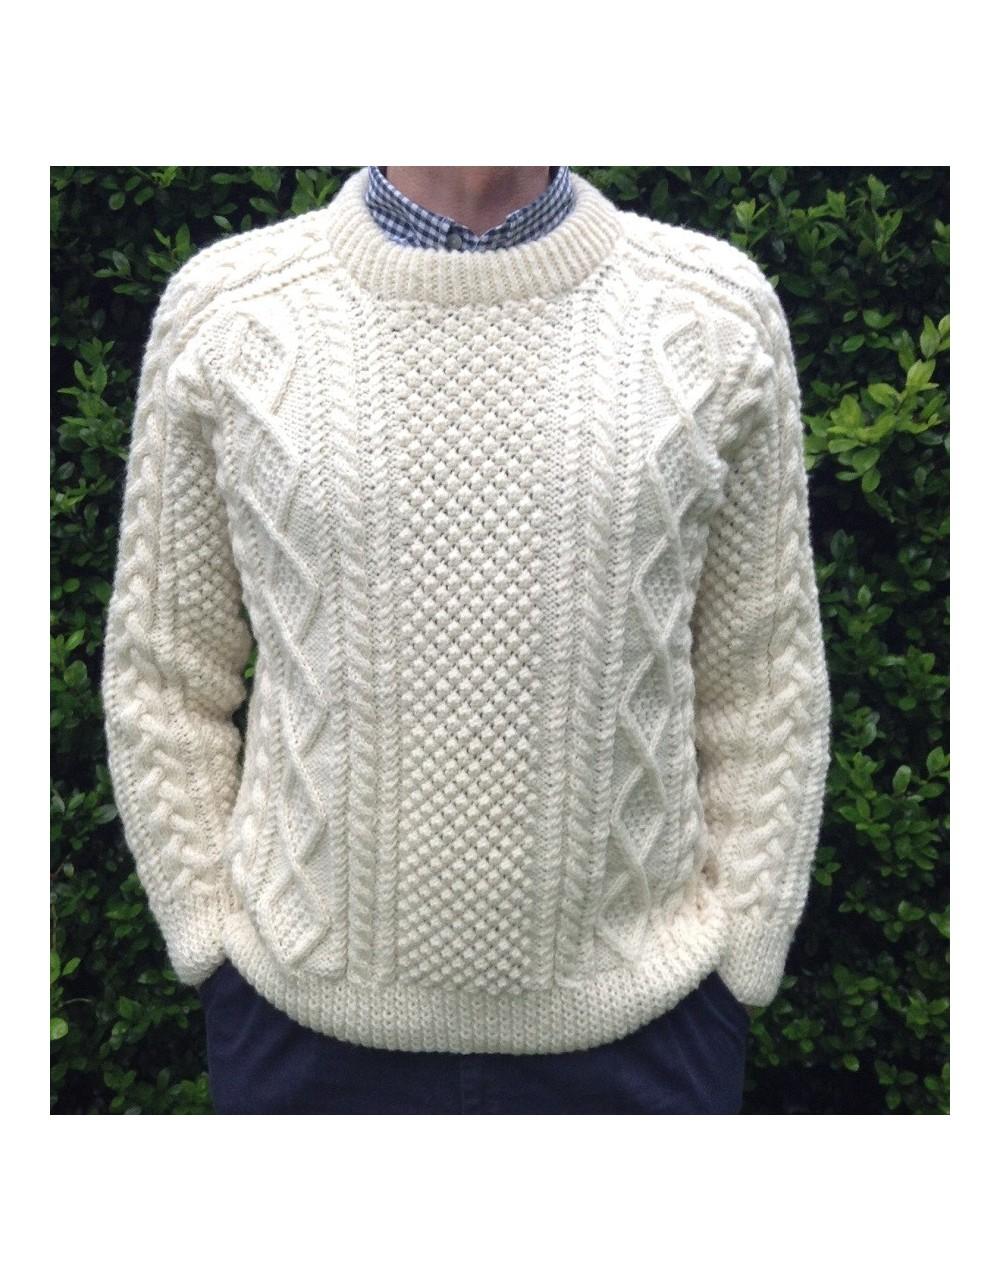 Handknit Saddle Shoulder Aran Fisherman Sweater Aran Knitwear Irish Handcrafts -1